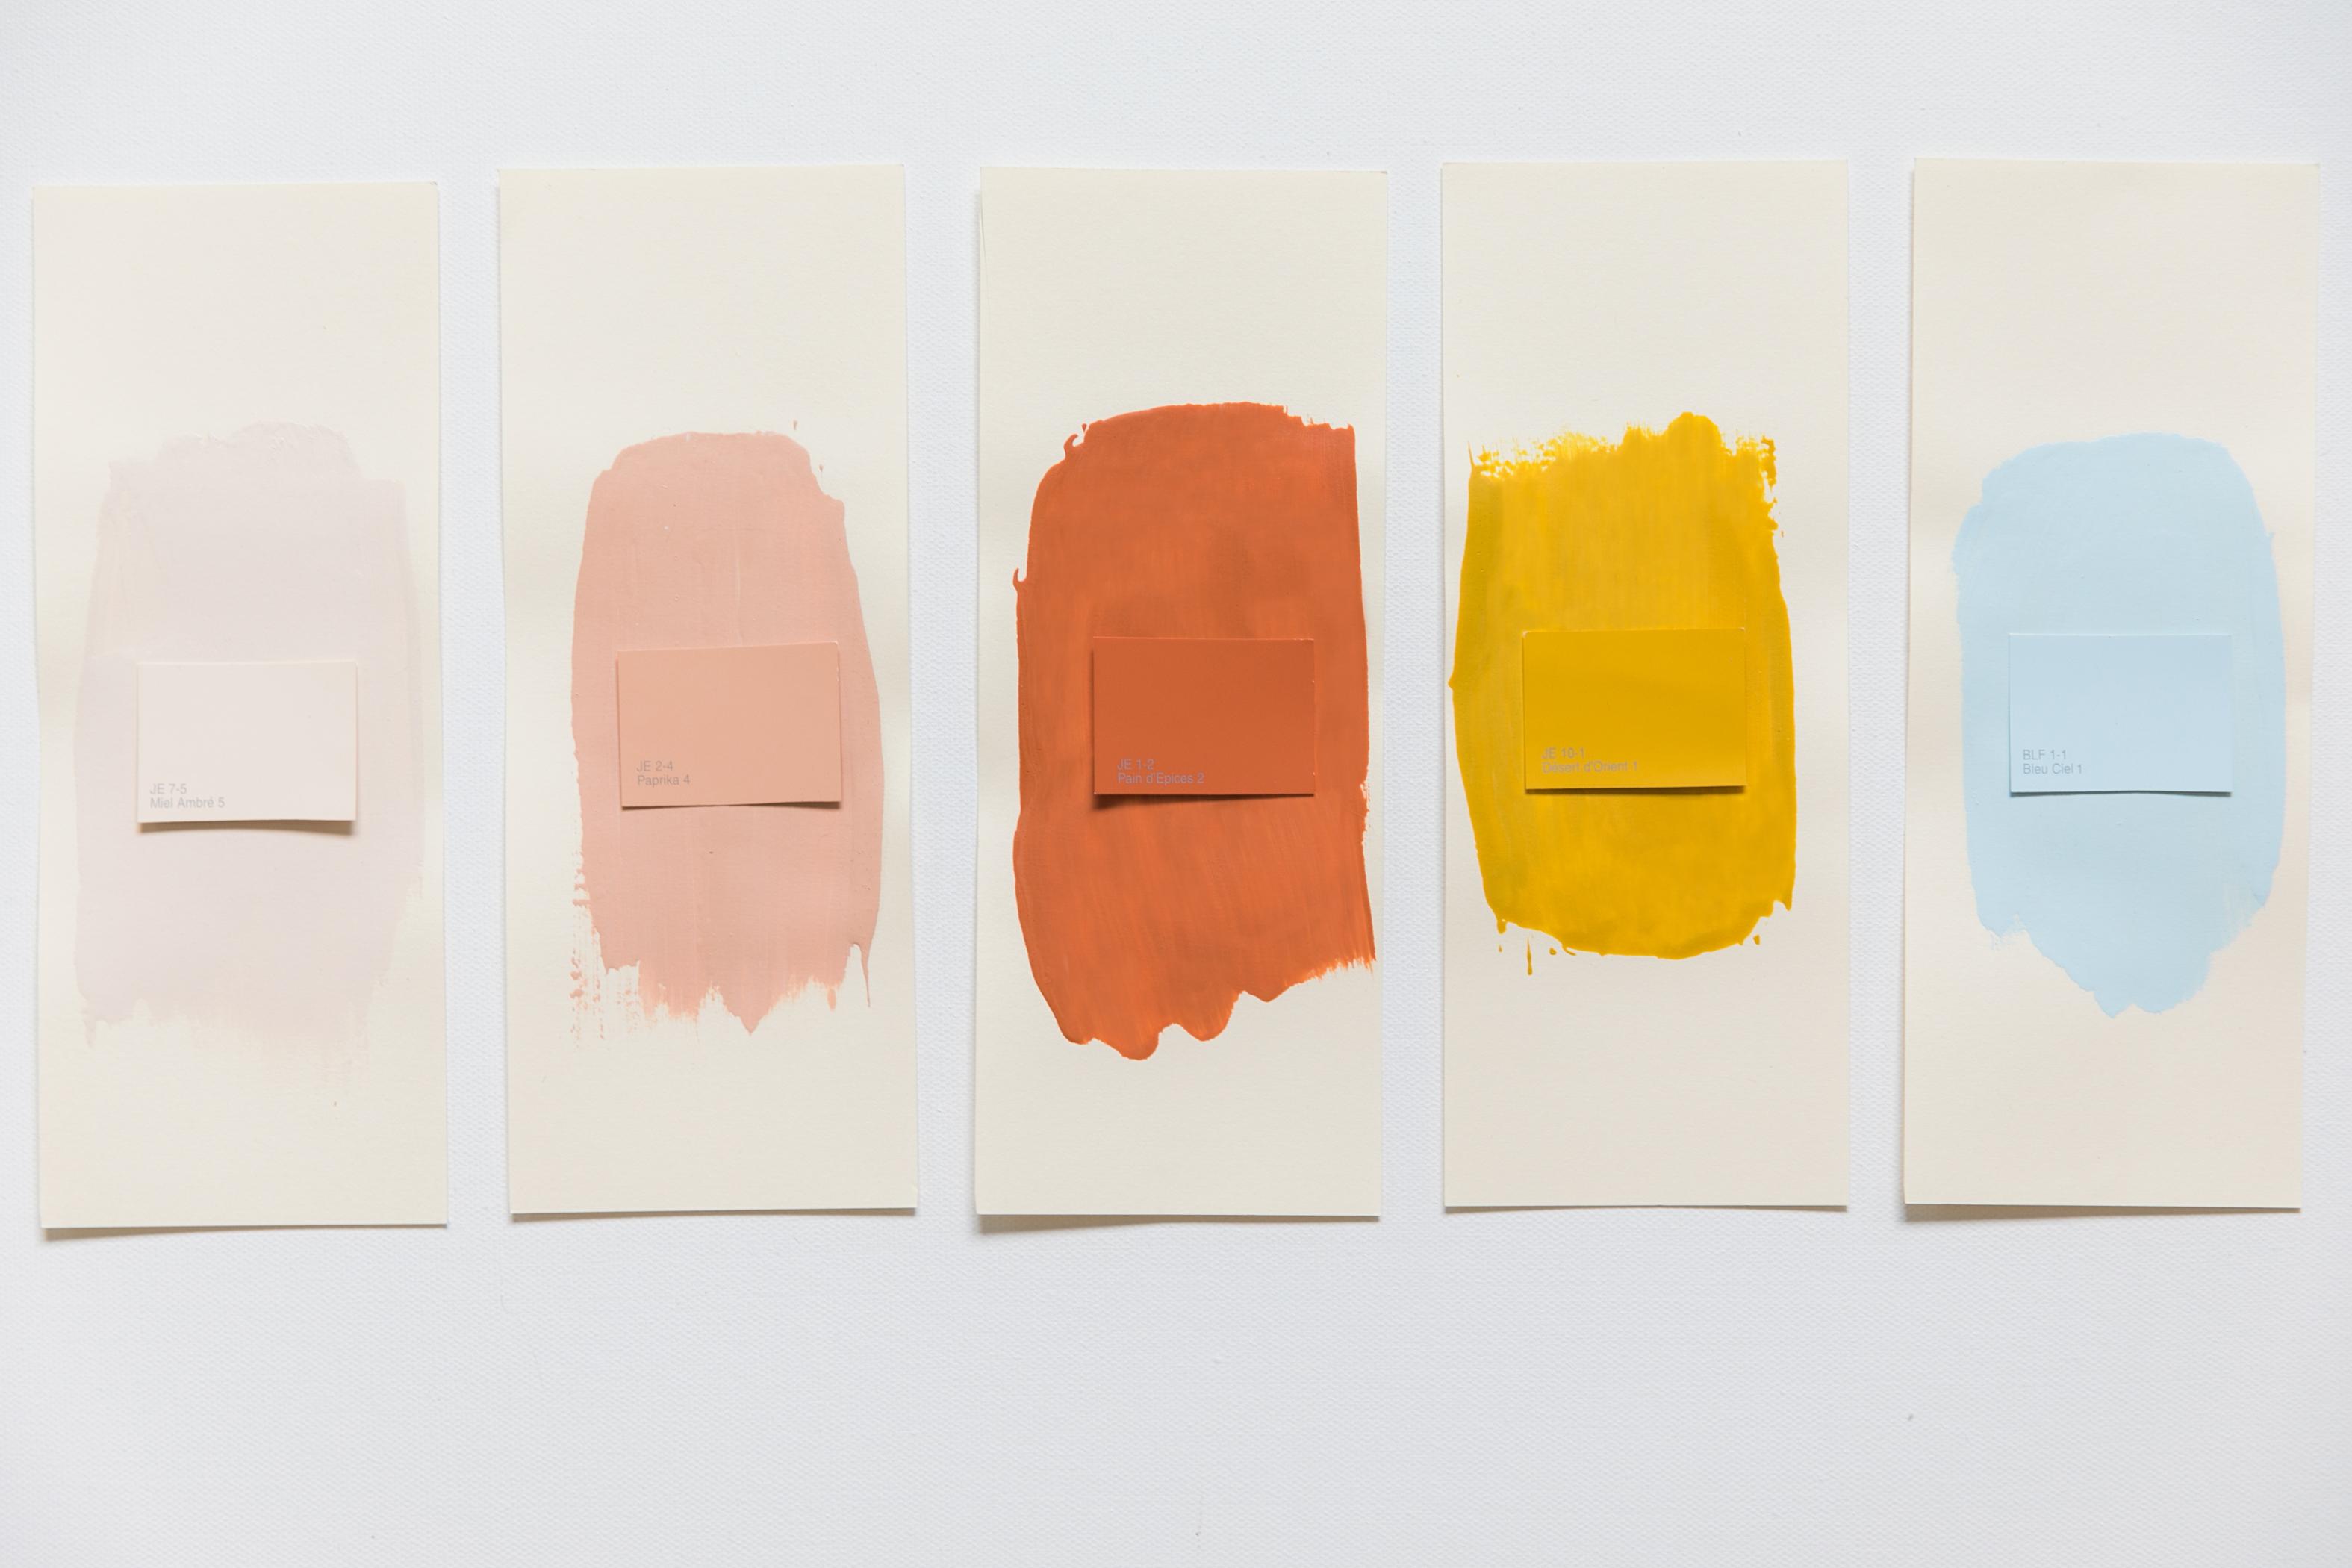 nuancier collection peinture avec hypnotik-5 copie